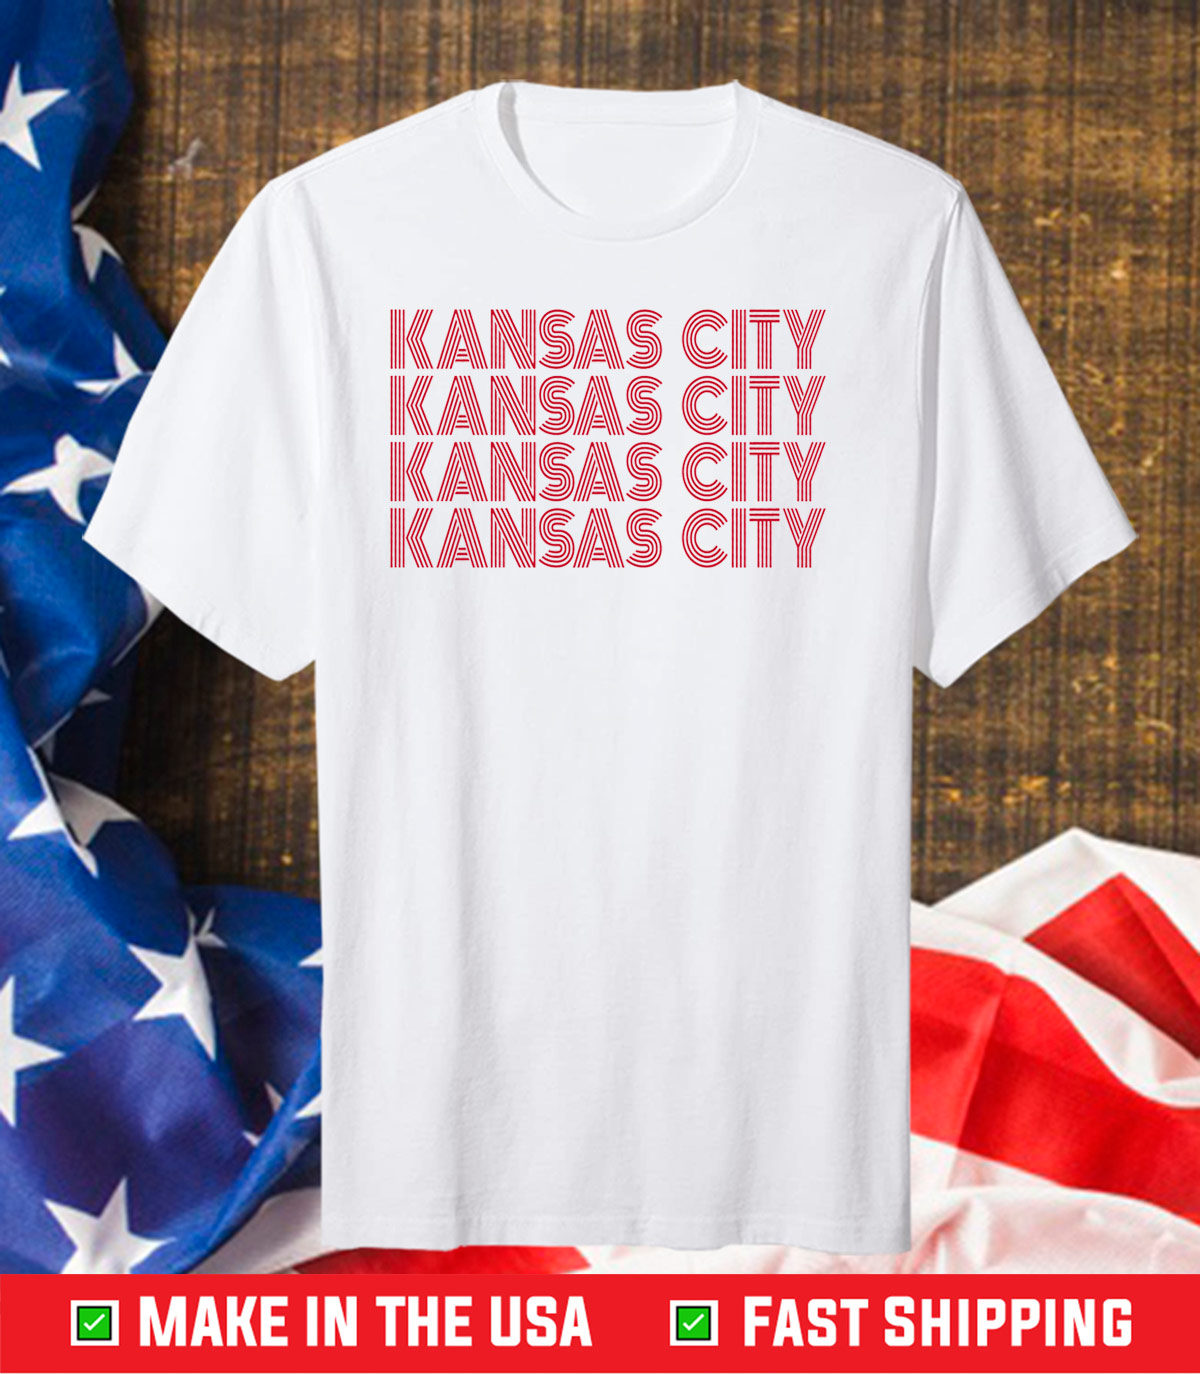 Kansas City Chiefs Fan,Kansas City Chiefs Super Bowl Champs Gift T-Shirt